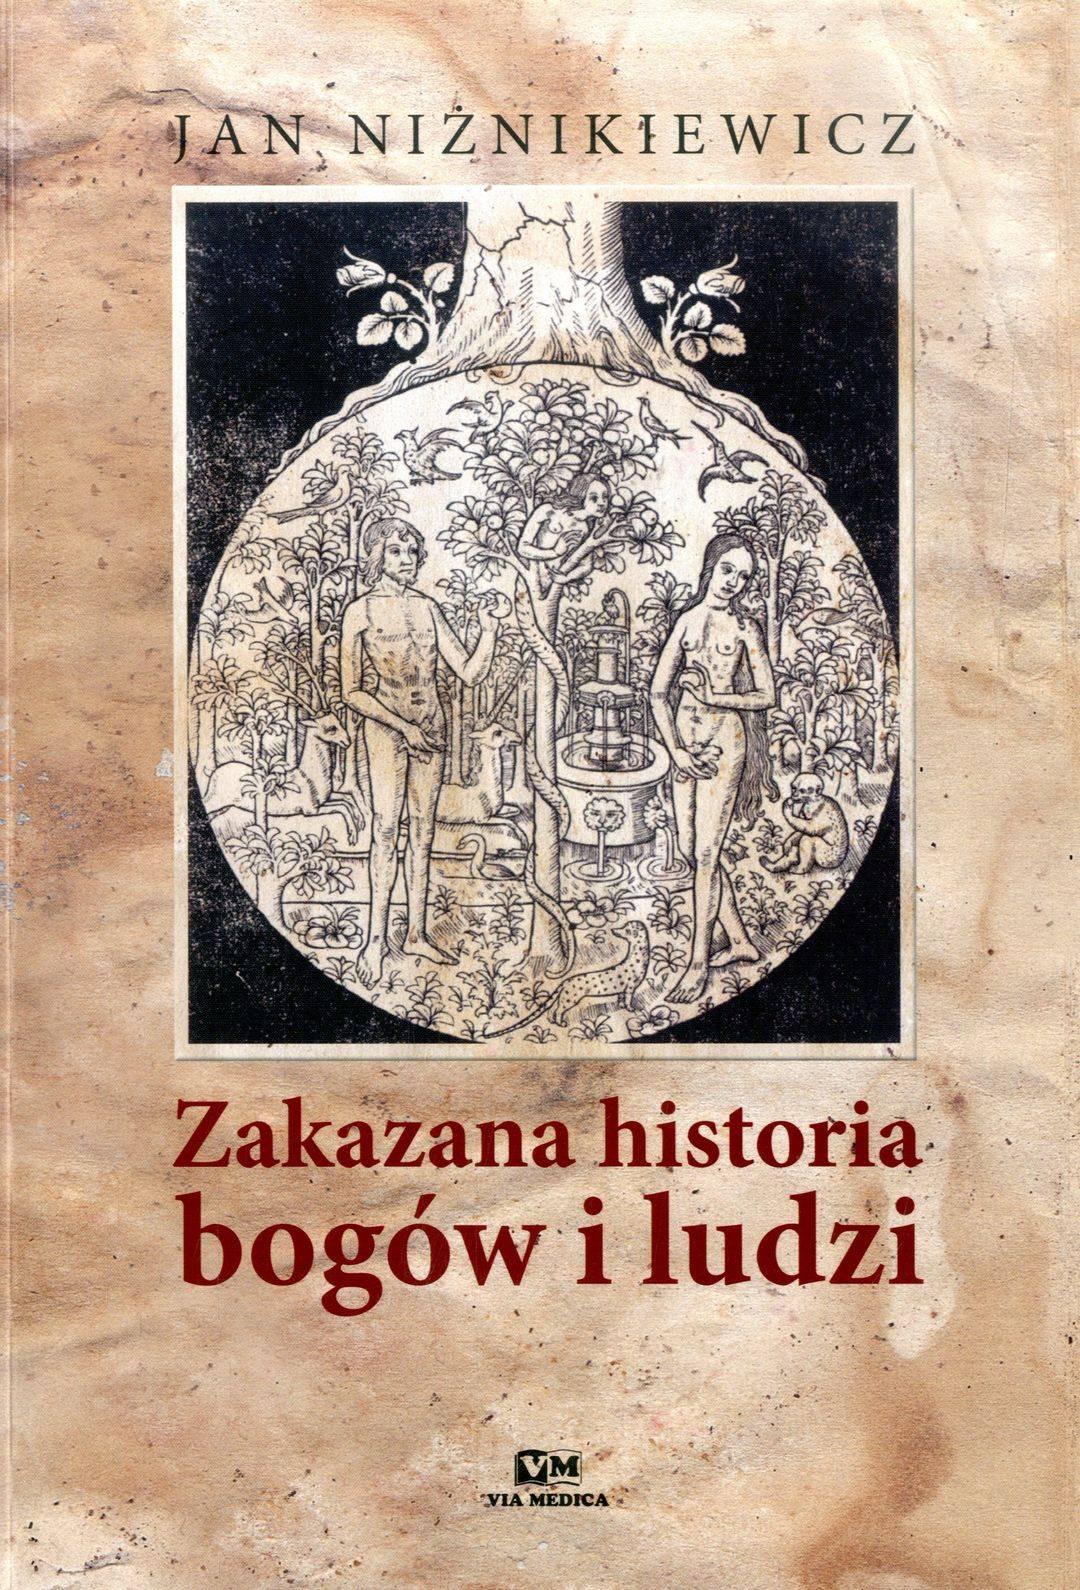 Zakazana historia bogów iludzi – recenzja książki